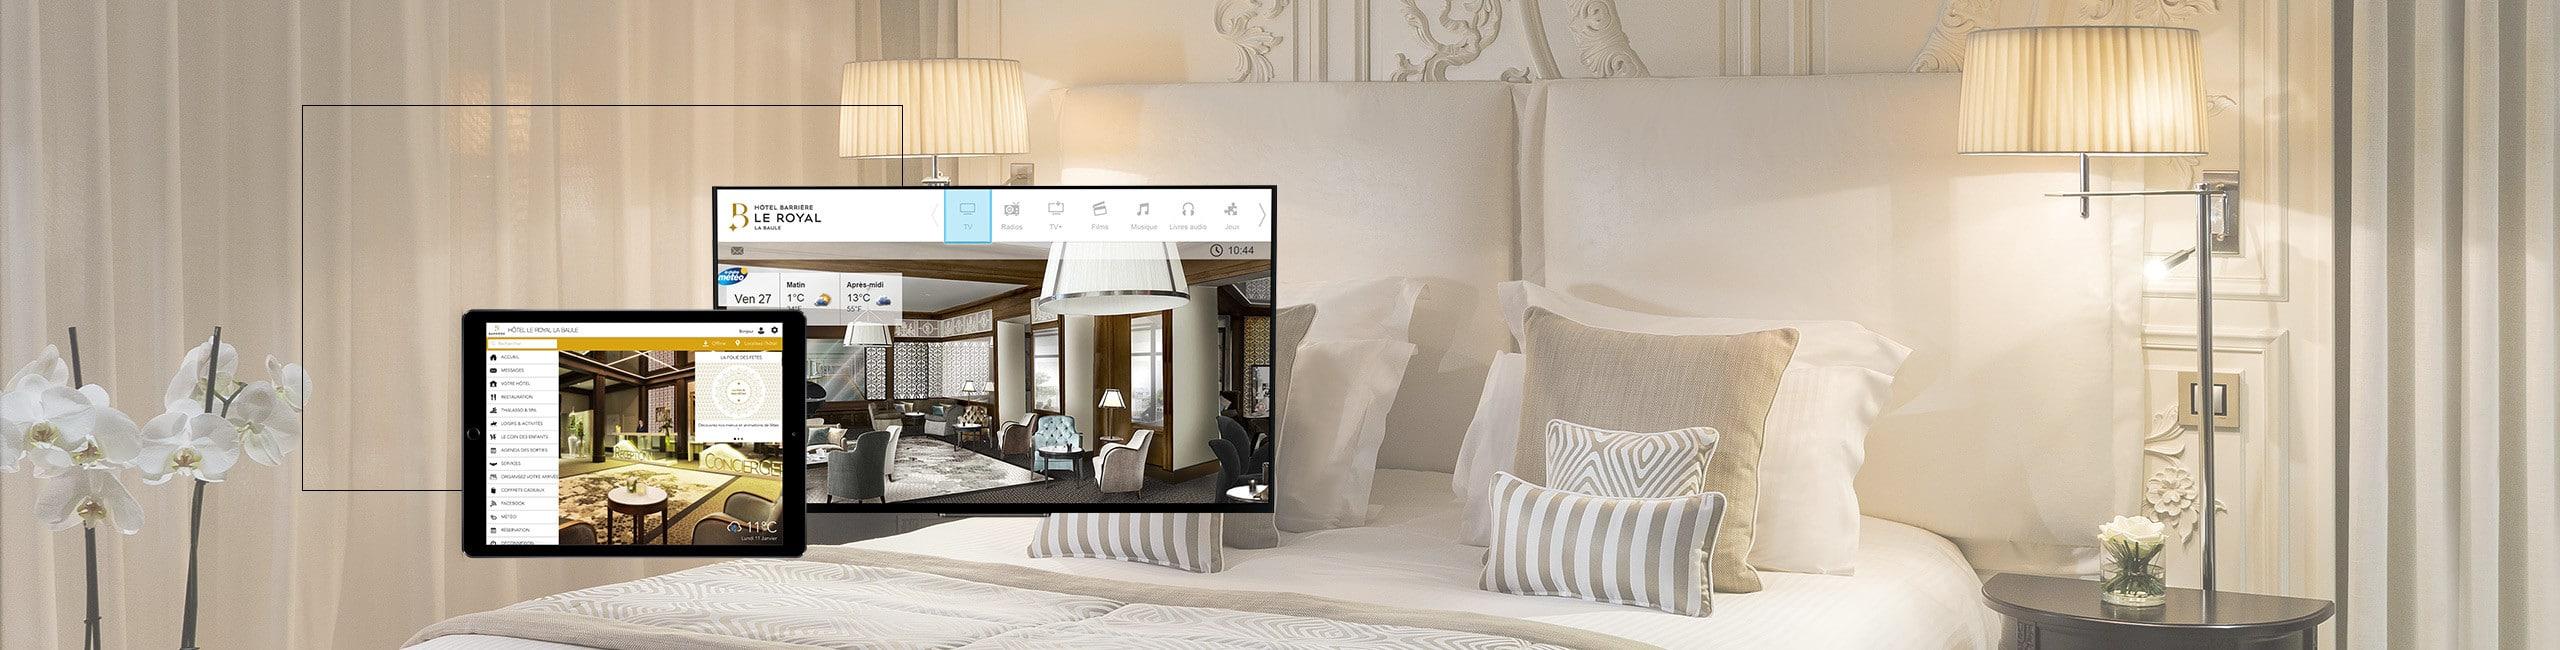 Solution IPTV pour l'hôtellerie en Suisse